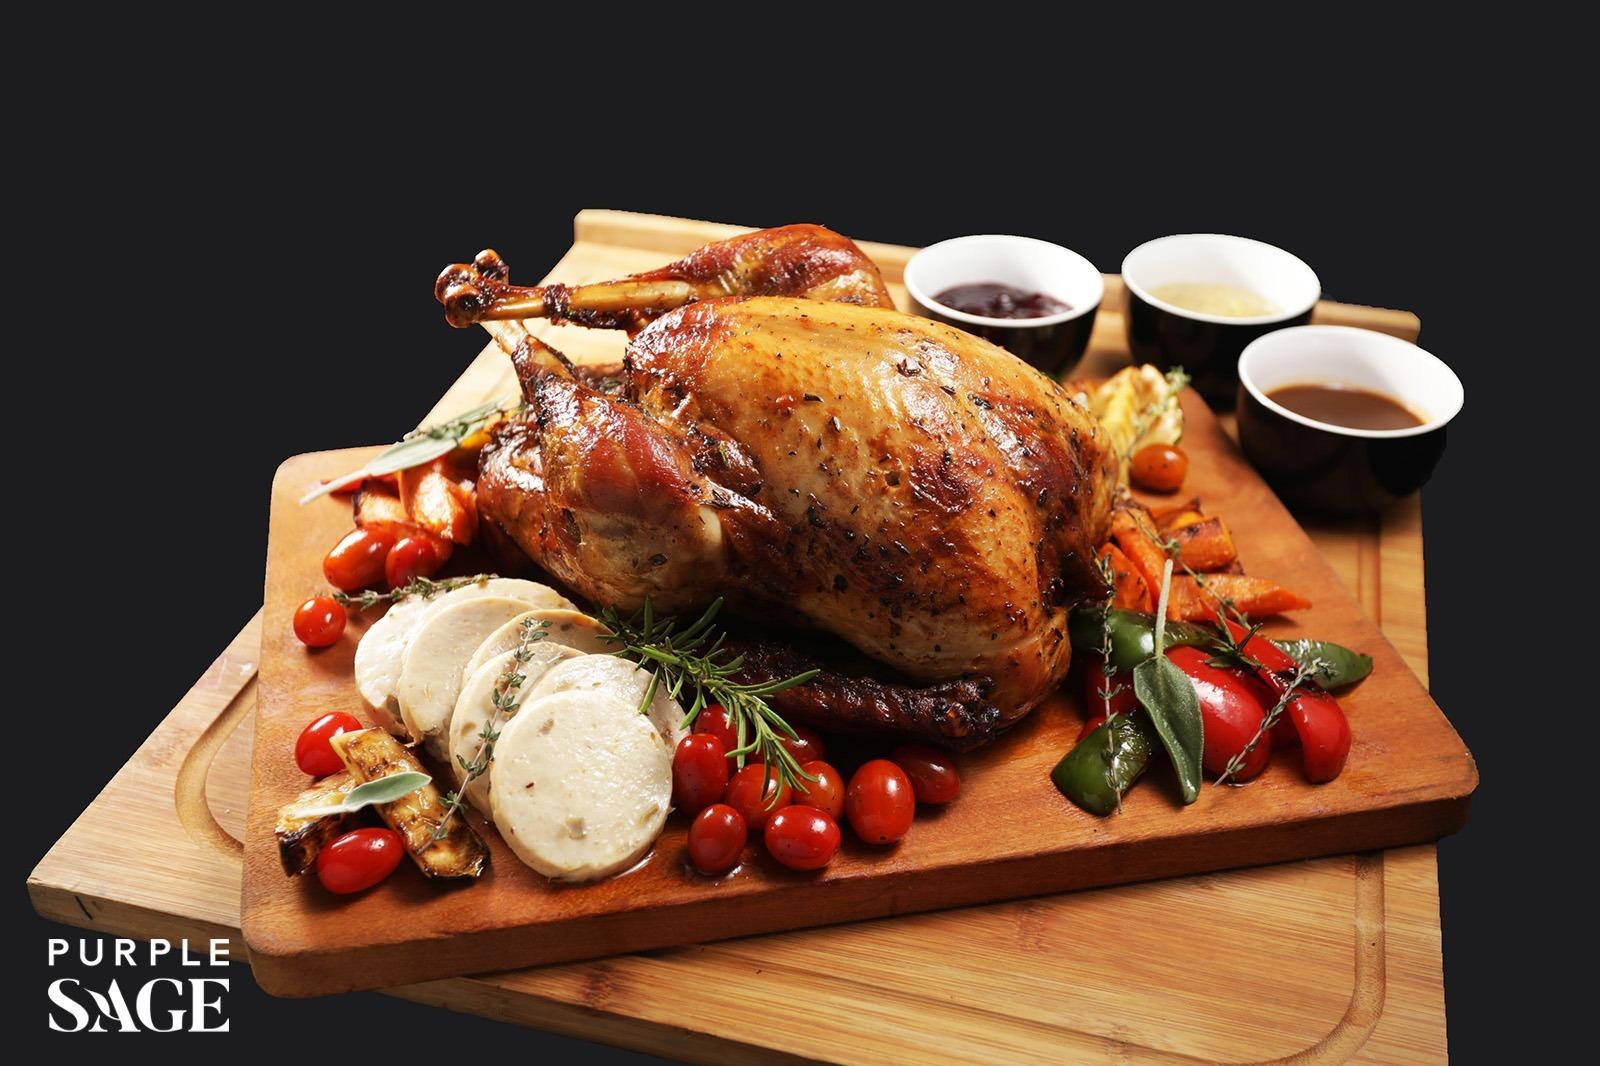 Joyful Feast For The Family